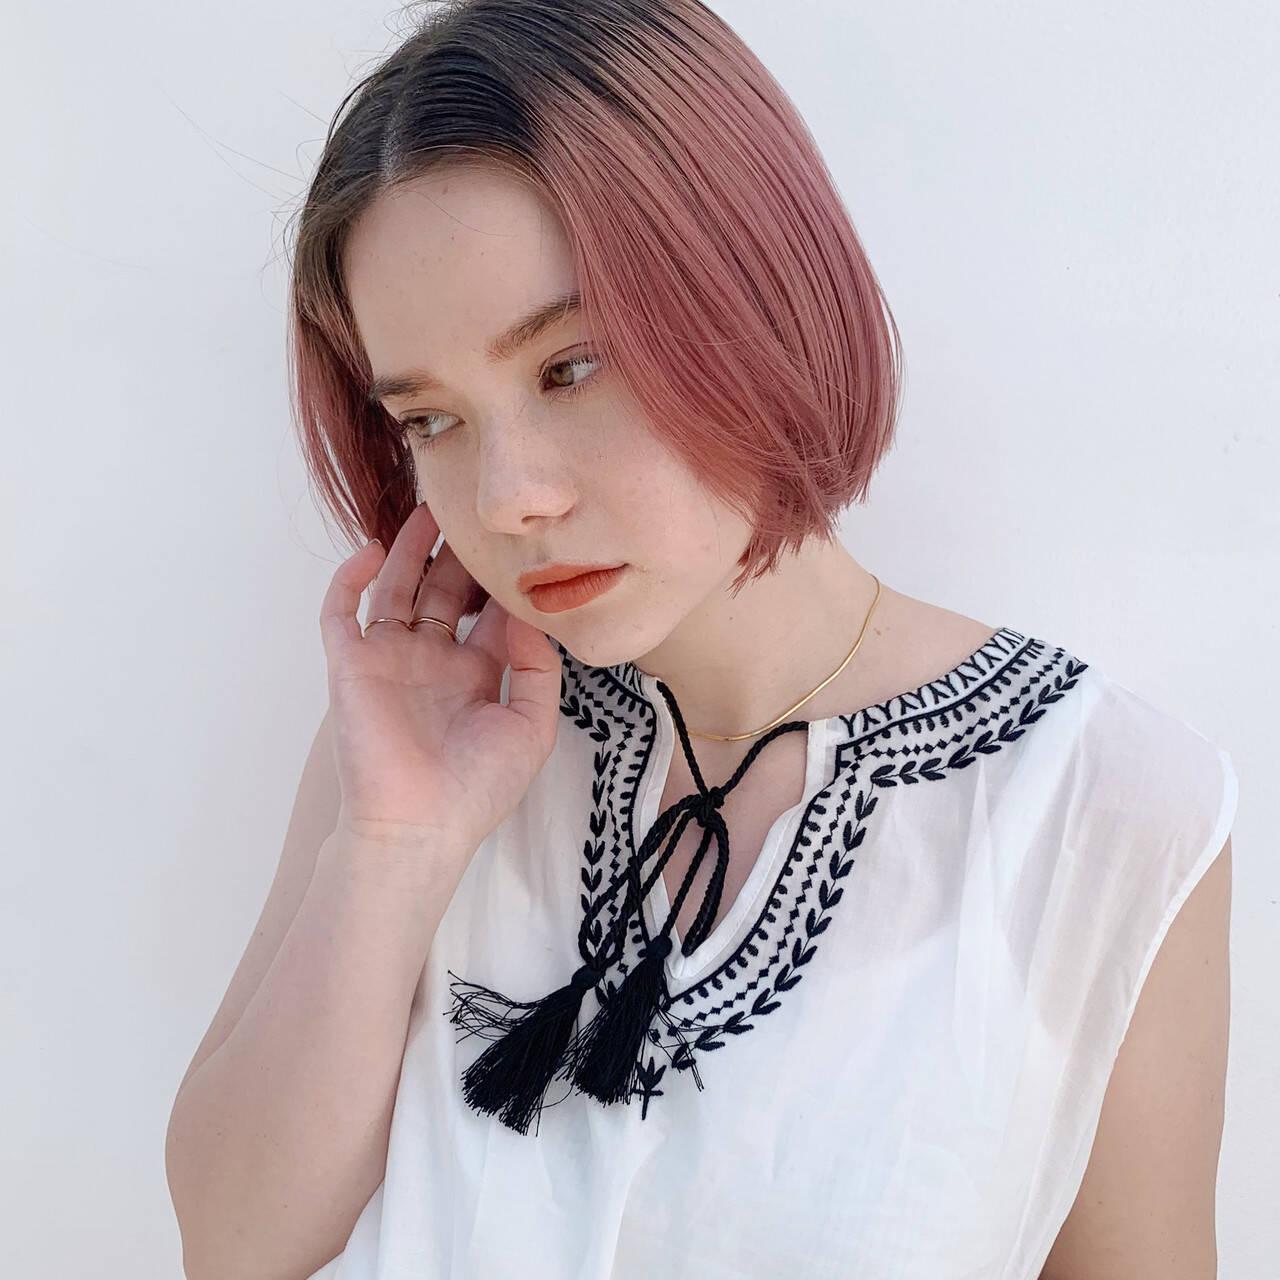 ハイトーンカラー ミニボブ ピンクベージュ ハイトーンヘアスタイルや髪型の写真・画像